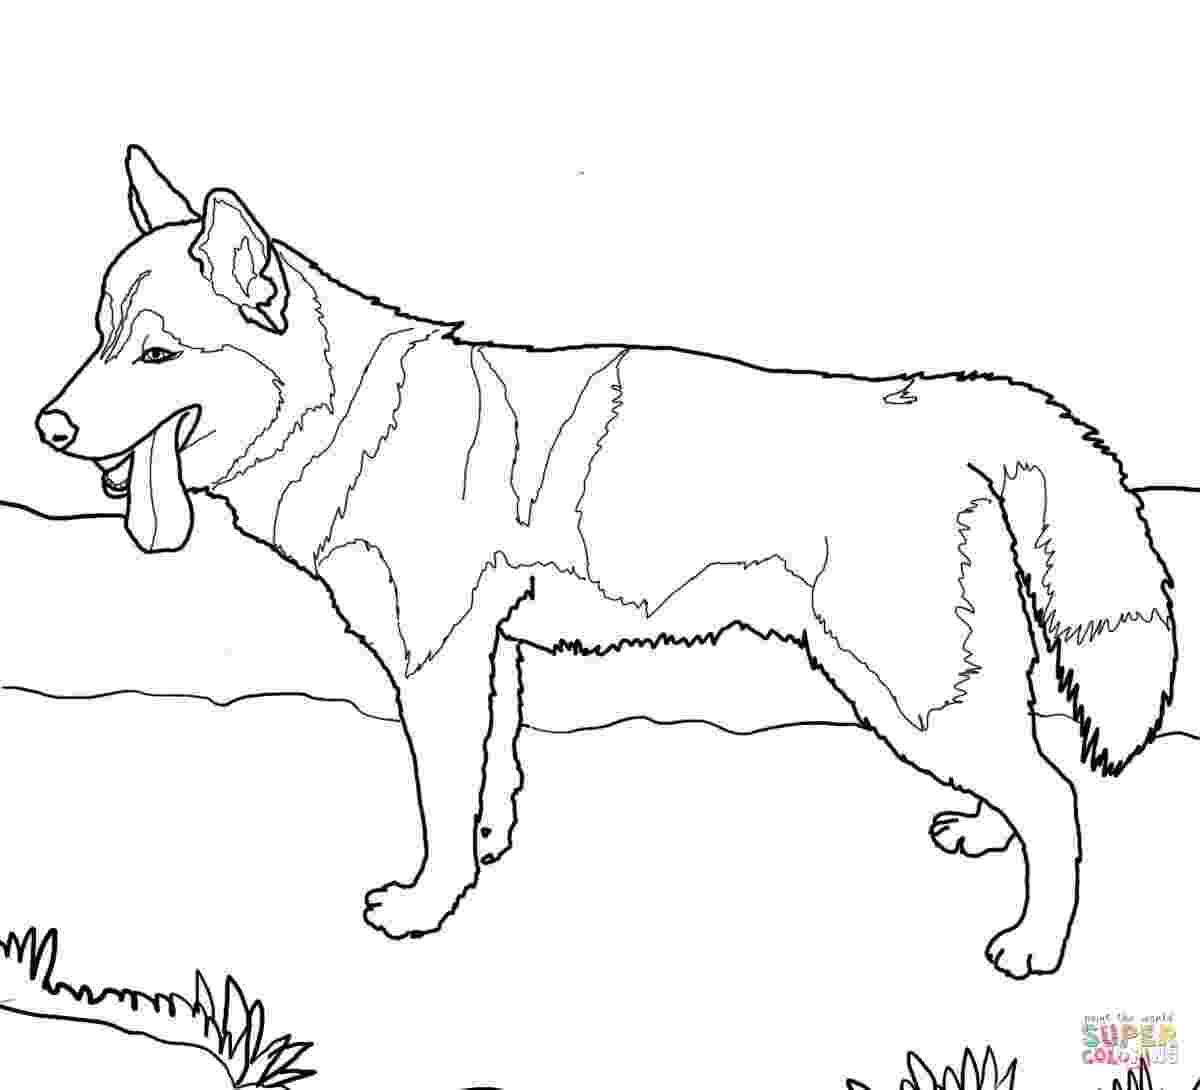 german shepherd coloring pages printable german shepherd coloring pages to download and print for free german pages printable shepherd coloring